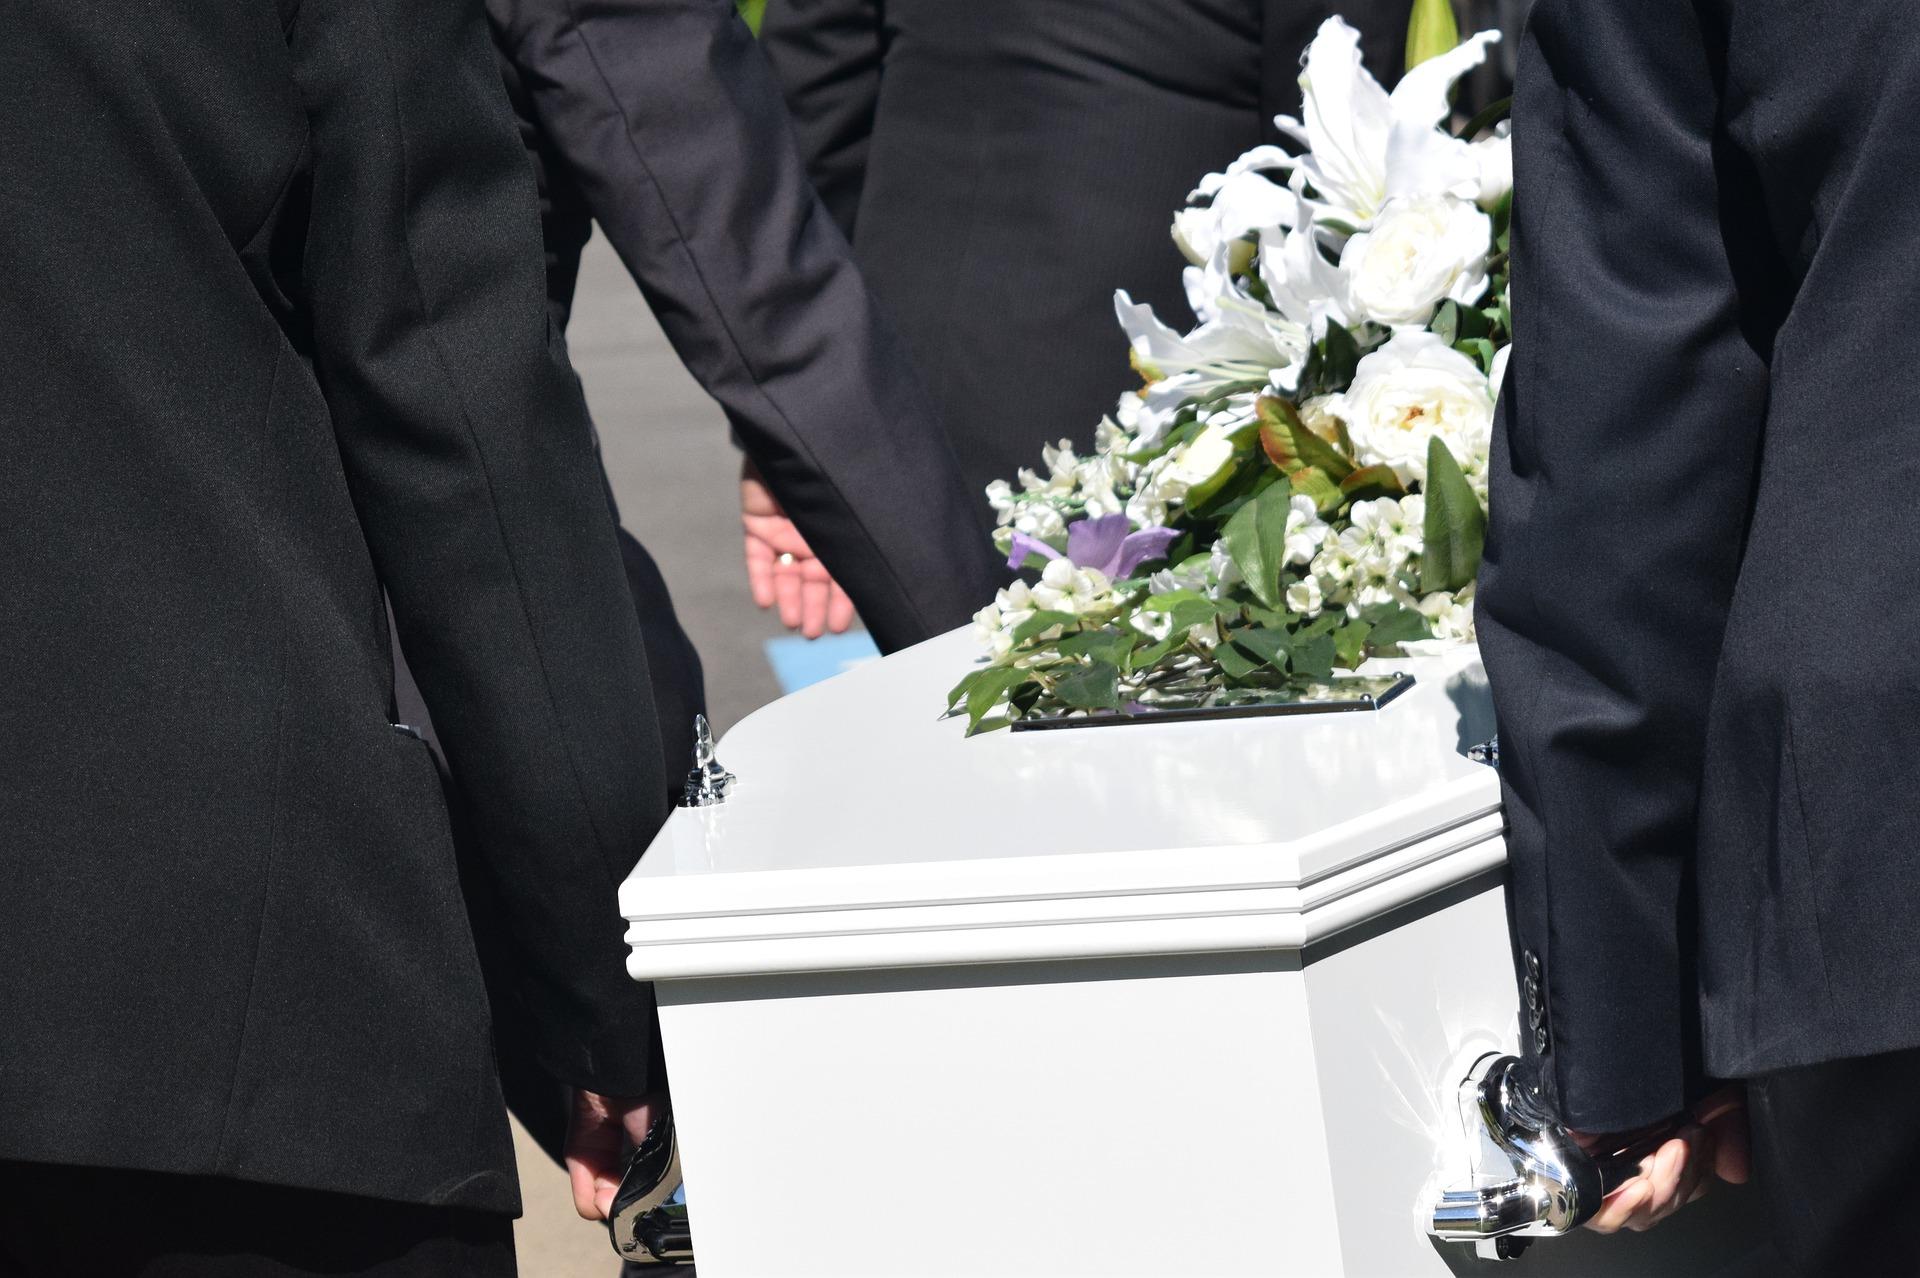 pohrebné služby Púchov - rakvy, smútočná výzdoba